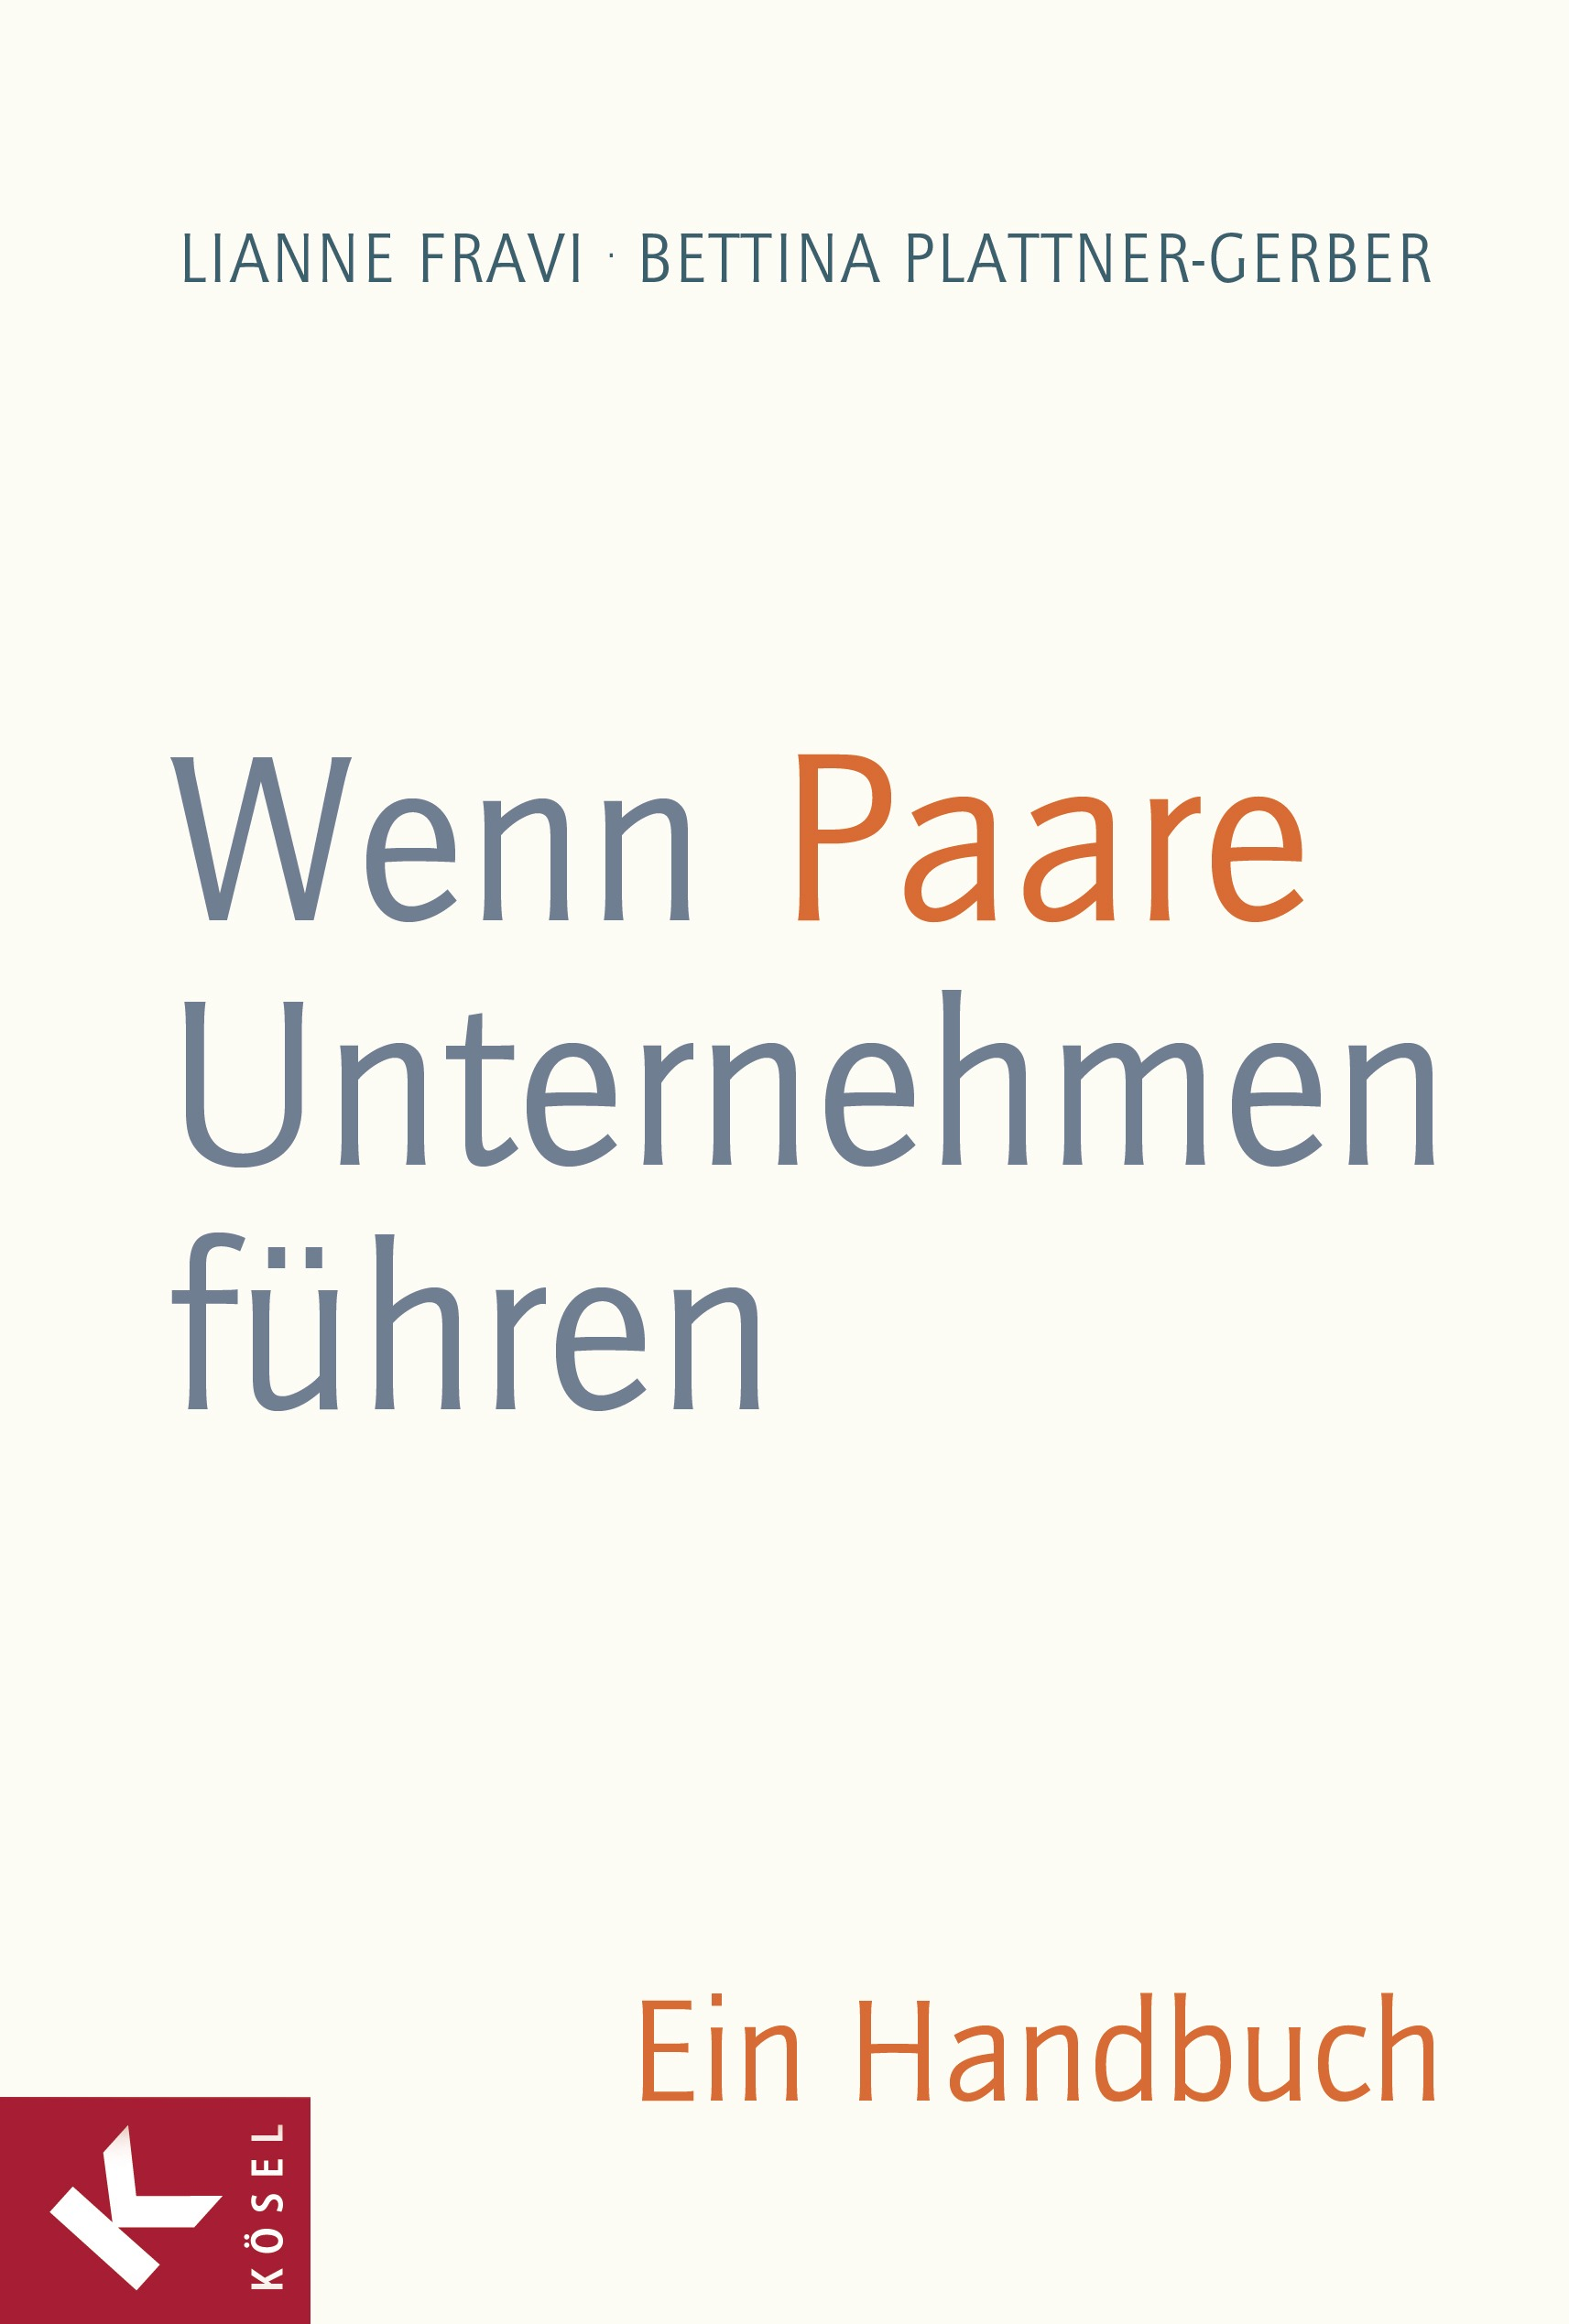 Landwirtschaft News & Agrarwirtschaft News @ Agrar-Center.de | Wenn Paare Unternehmen führen